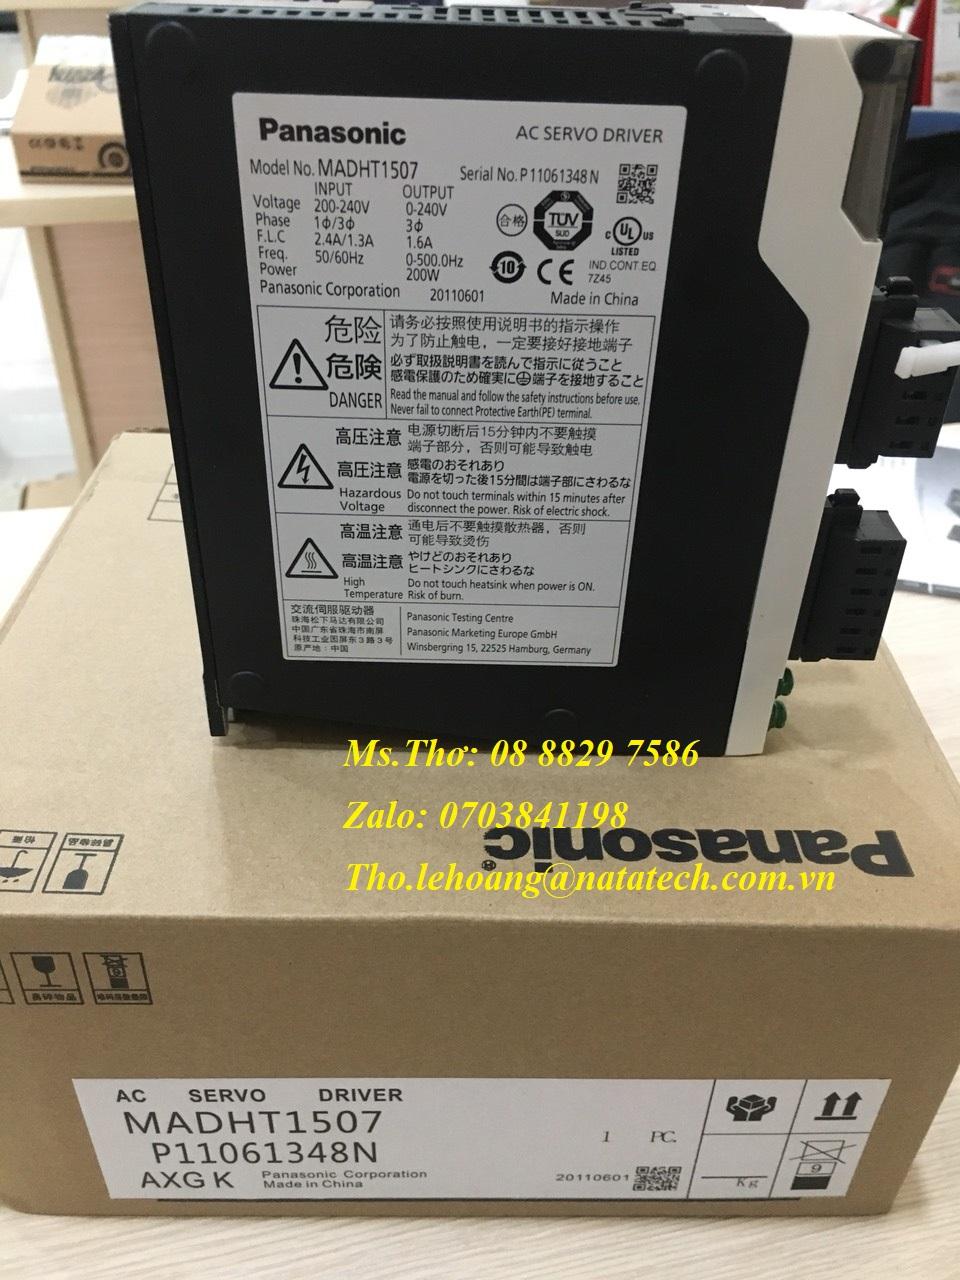 Ac servo driver Panasonic MADHT1507 - Công Ty TNHH Natatech